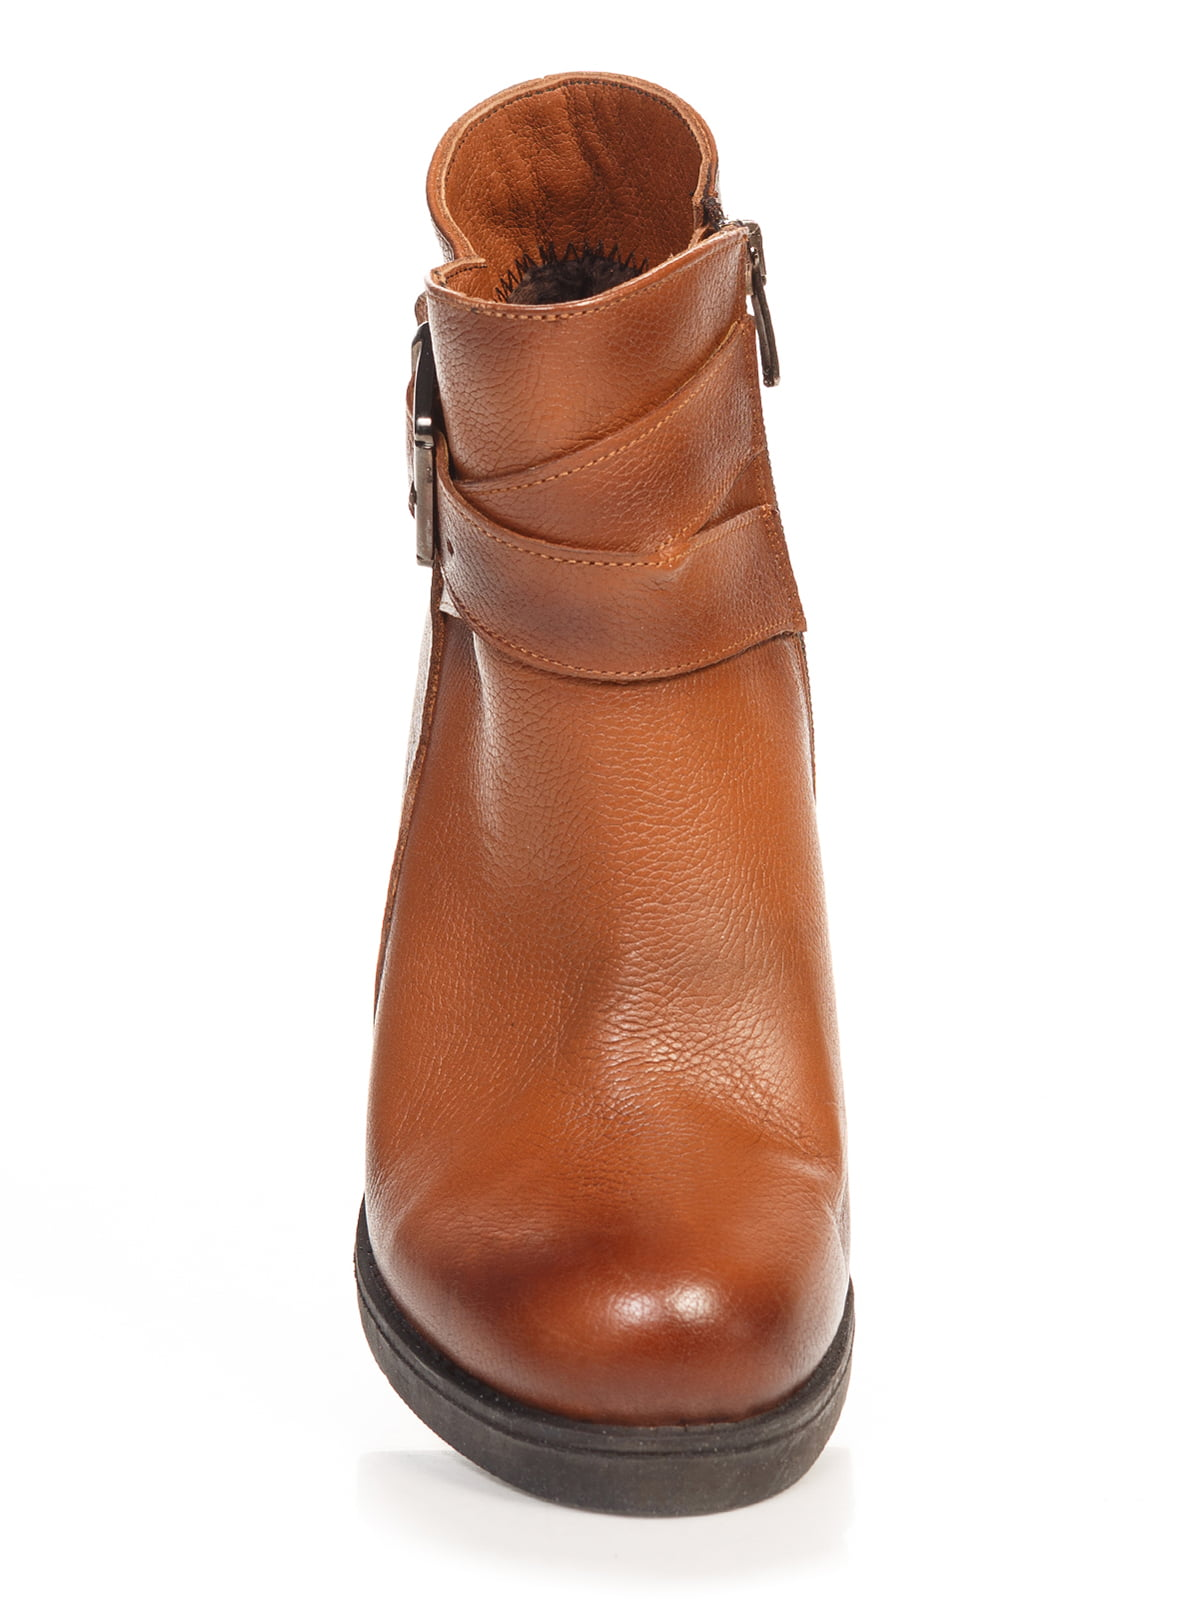 Ботинки коричневые | 4771467 | фото 6